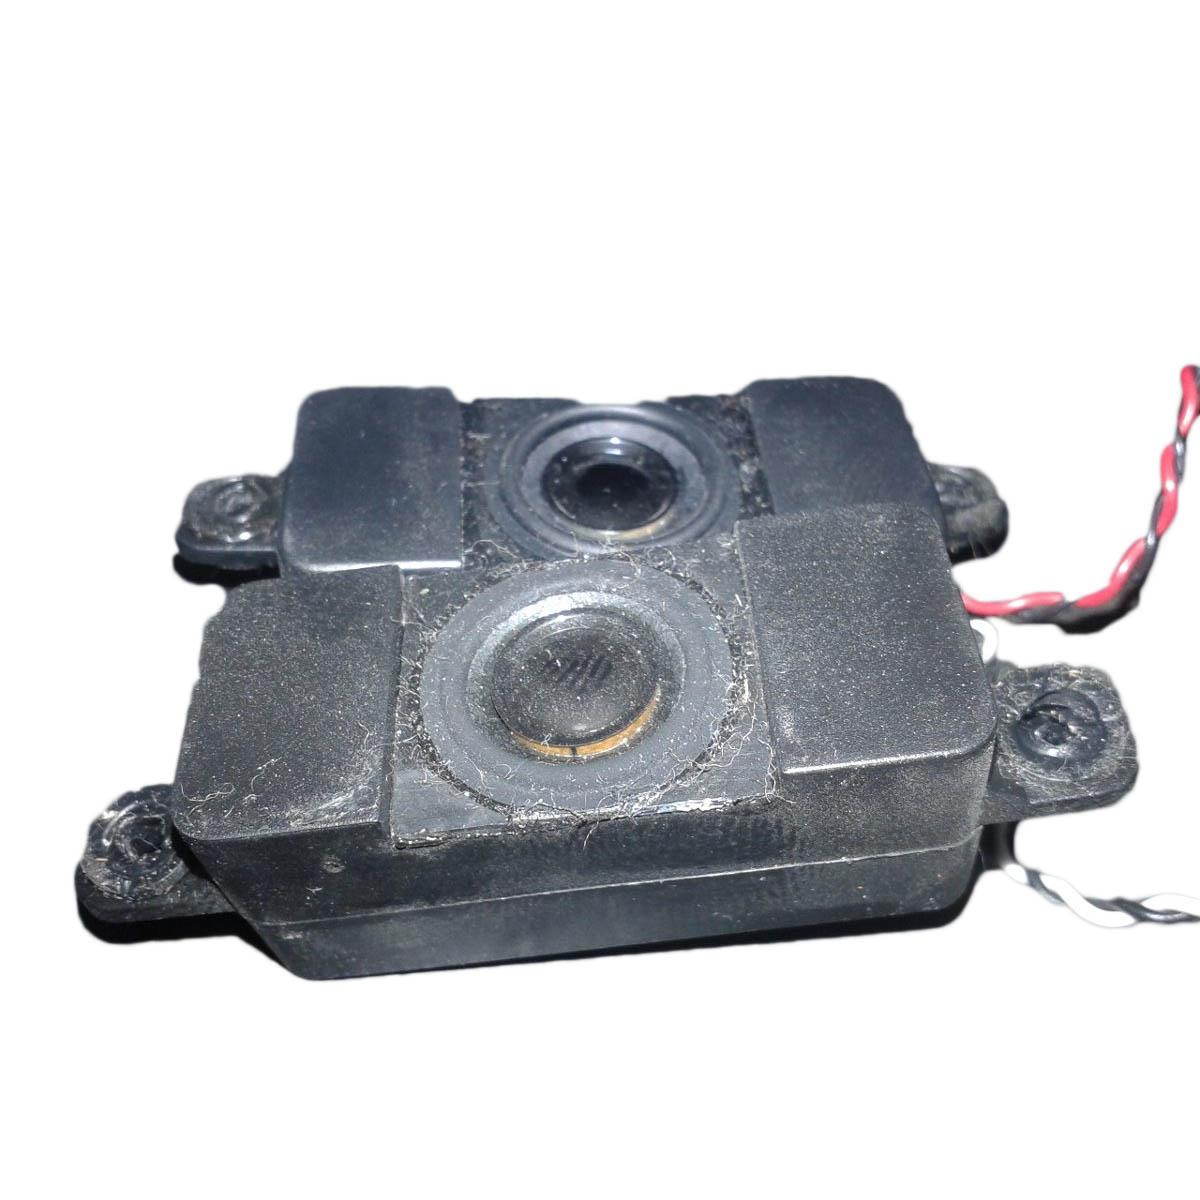 Par Auto Falante Monitor Aoc 712sa PN:78g322-501-l  x184317 715g2253-1 - Retirado